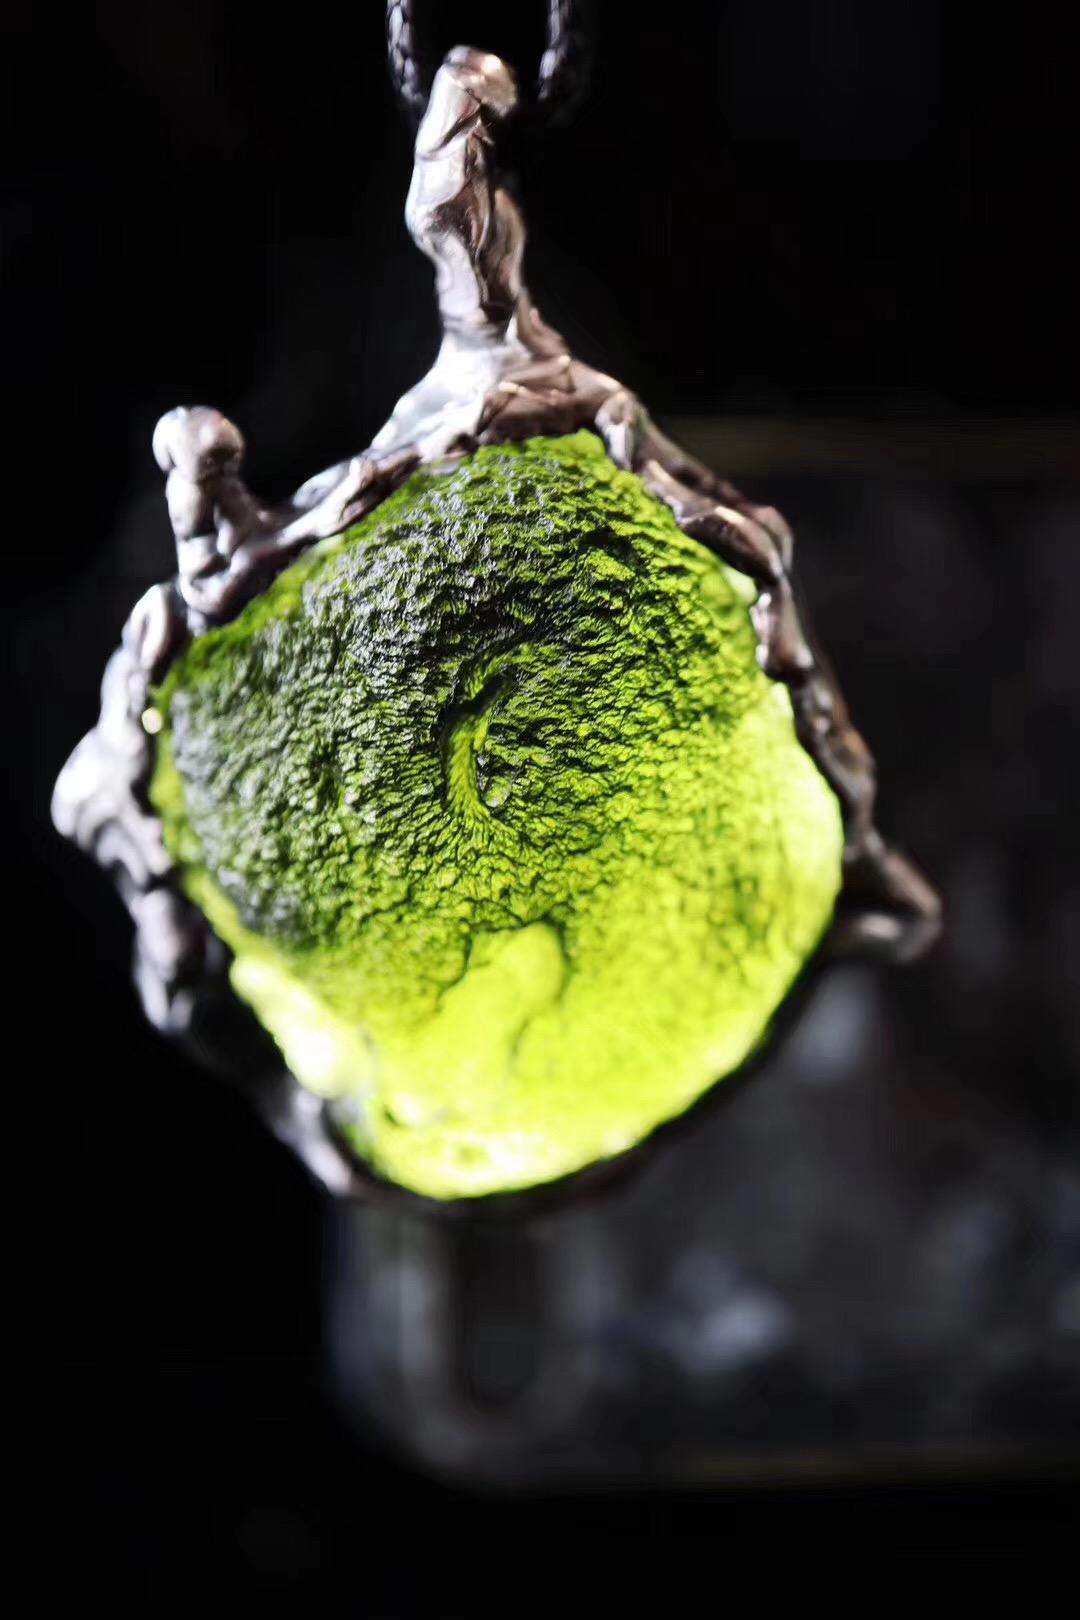 """【捷克陨石】充满能量的""""大细胞""""捷克陨石,会给你源源不断的动力-菩心晶舍"""